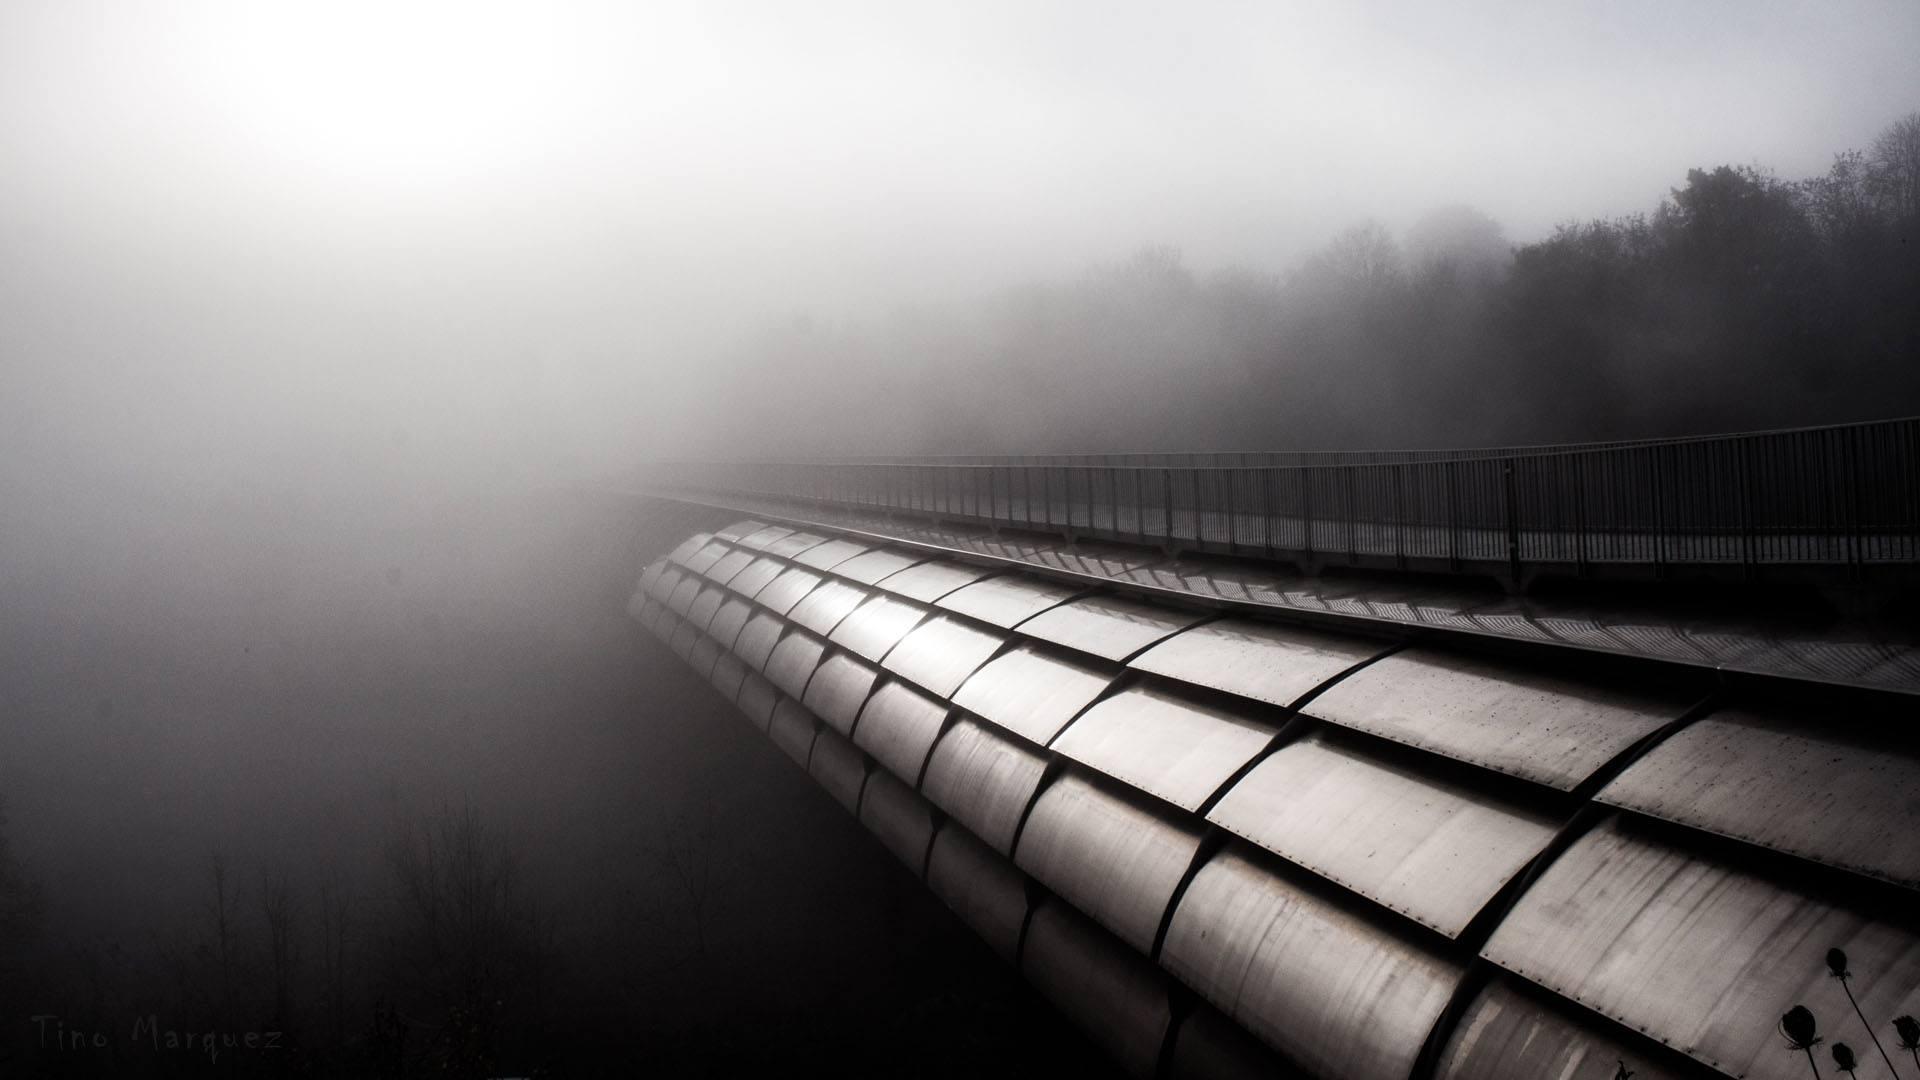 Vaihingen im Nebel